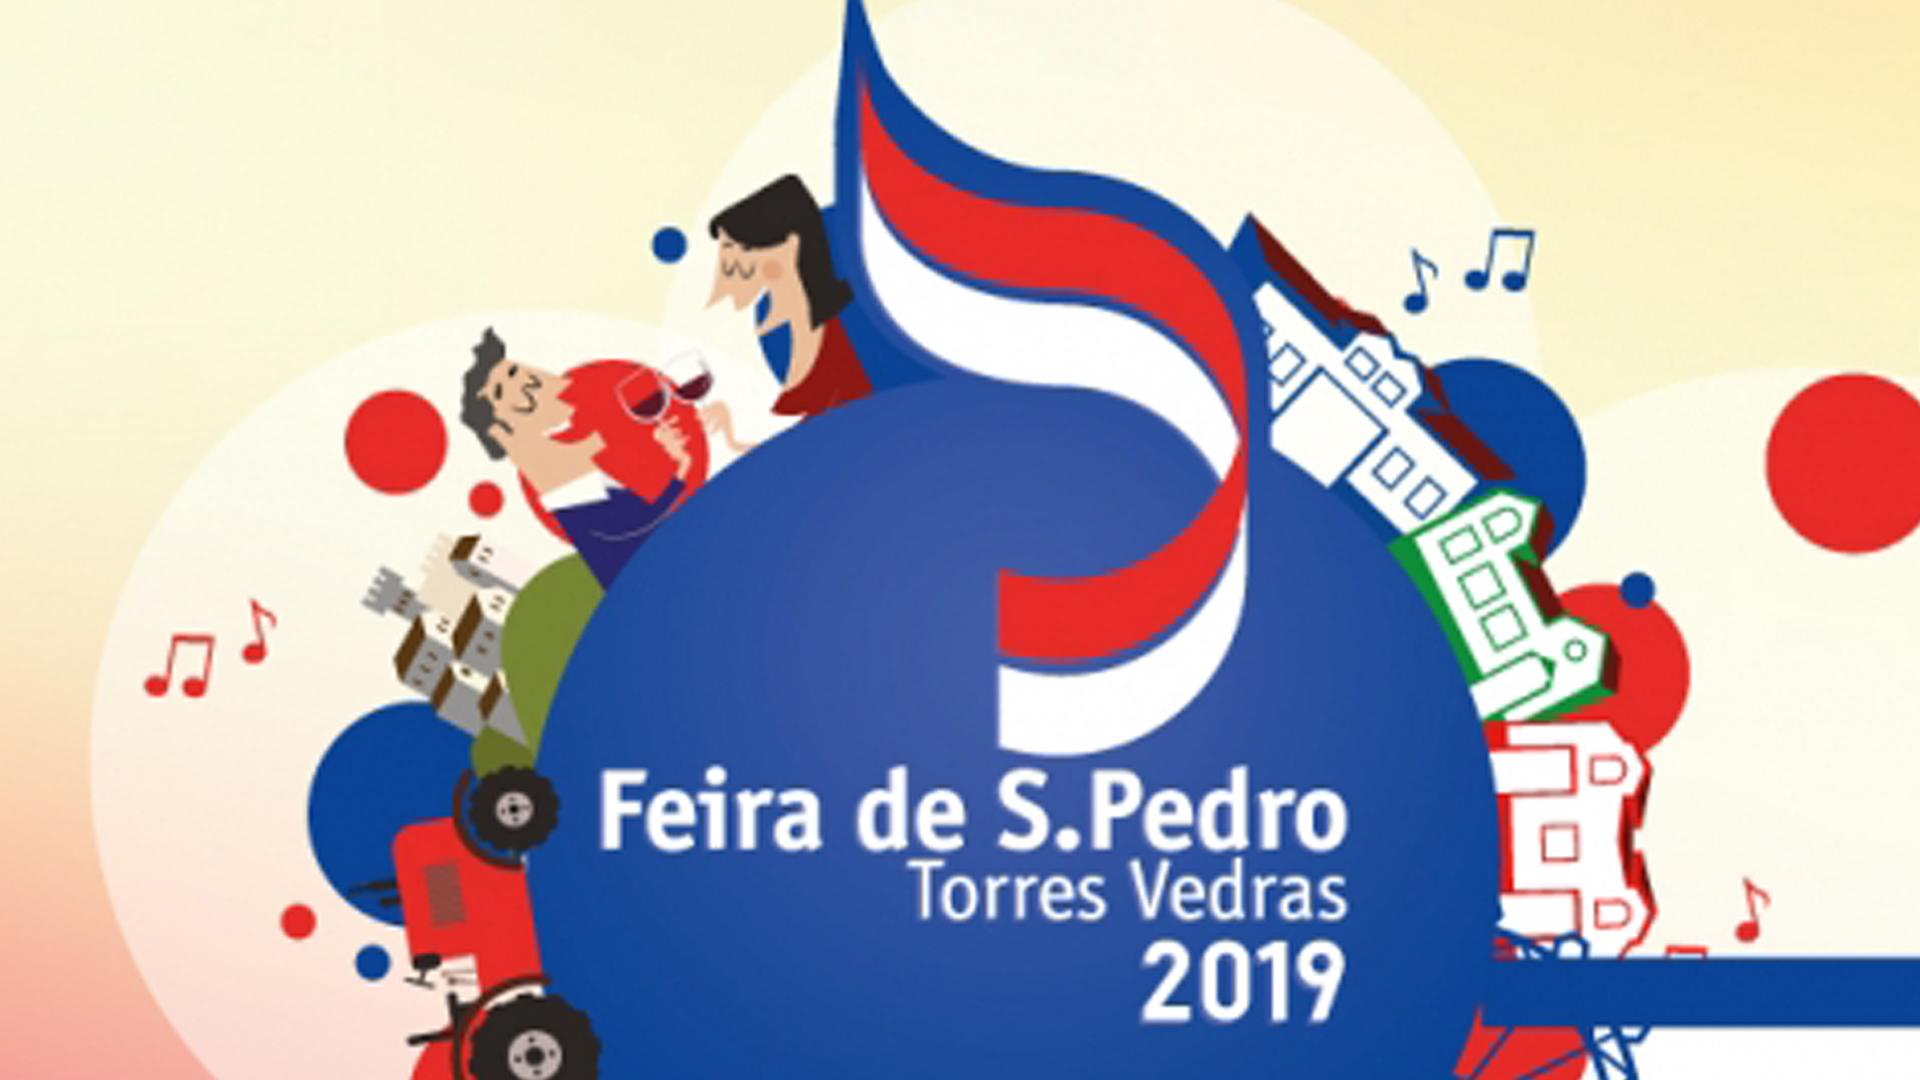 Feira de São Pedro